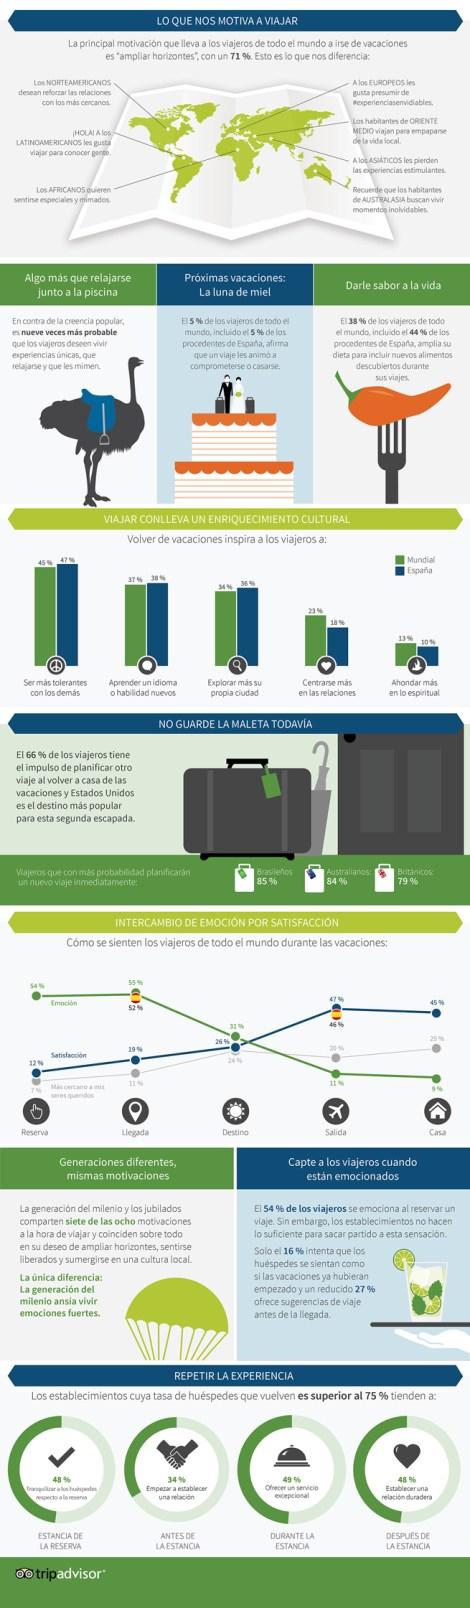 Infografía del TripBarometer de Tripadvisor de septiembre 2014 España